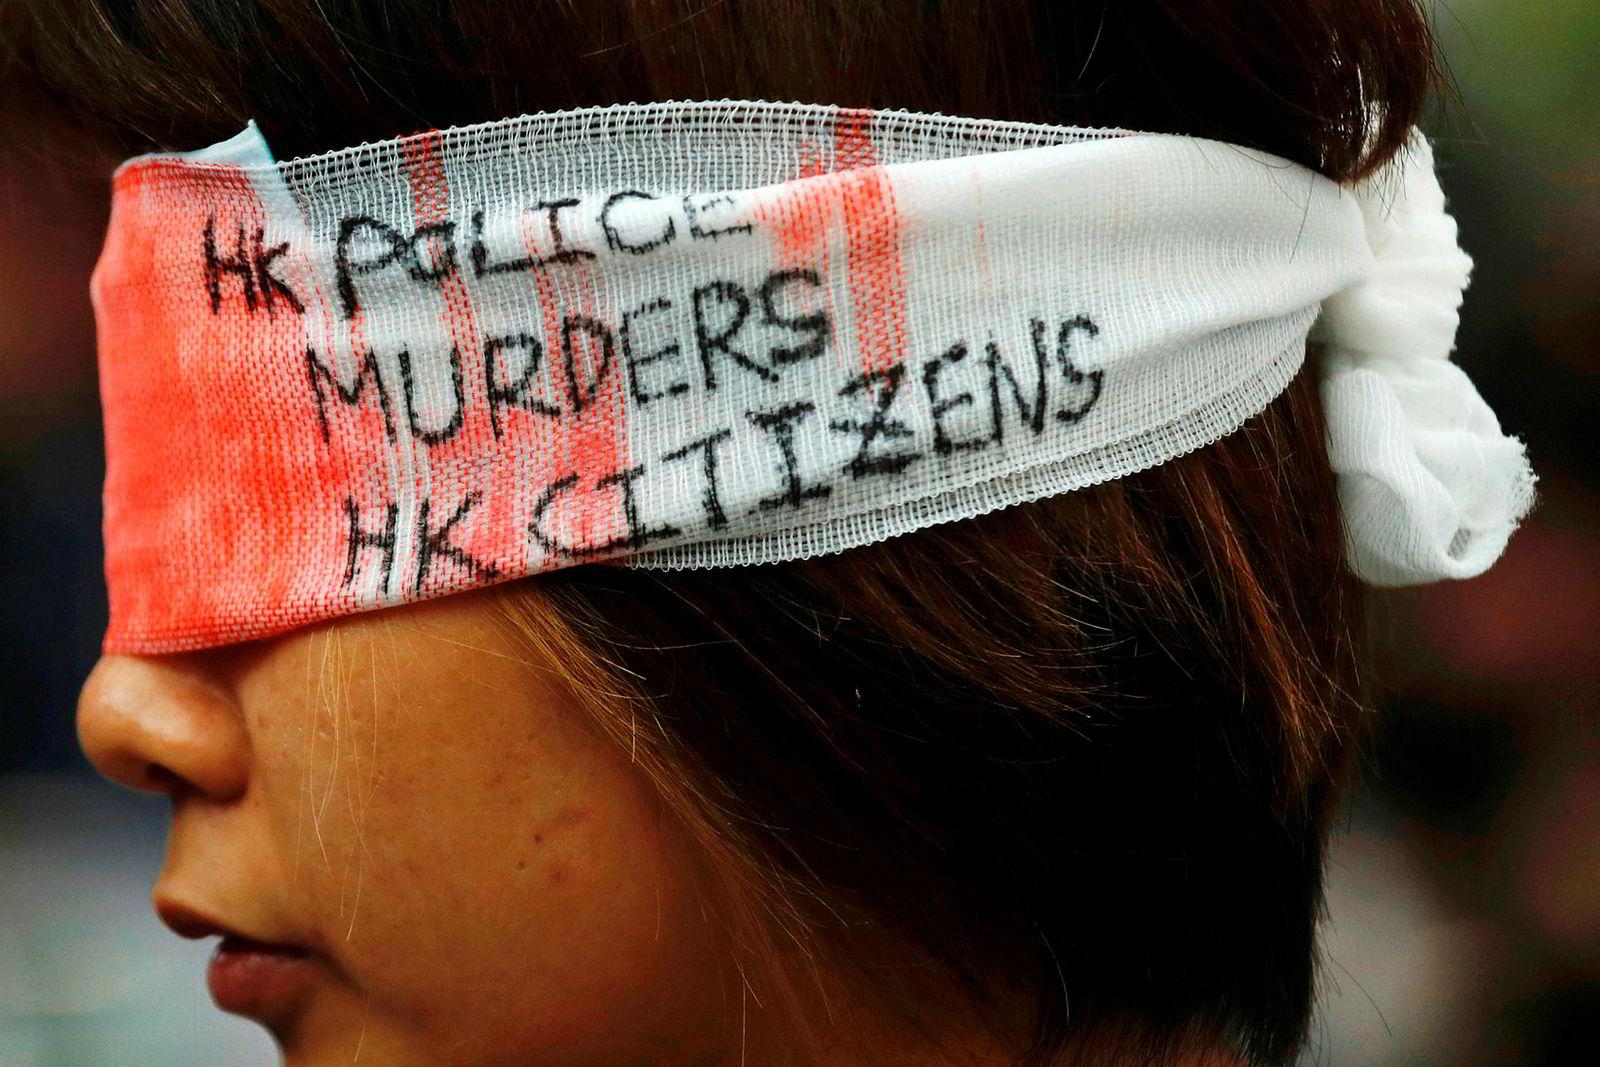 Politiet anklages for unødvendig bruk av vold mot demonstrantene i Hongkong. En kvinne risikerer å bli blind på det ene øyet etter angrep fra politiet under en demonstrasjon, ifølge flere medier, deriblant South China Morning Post.